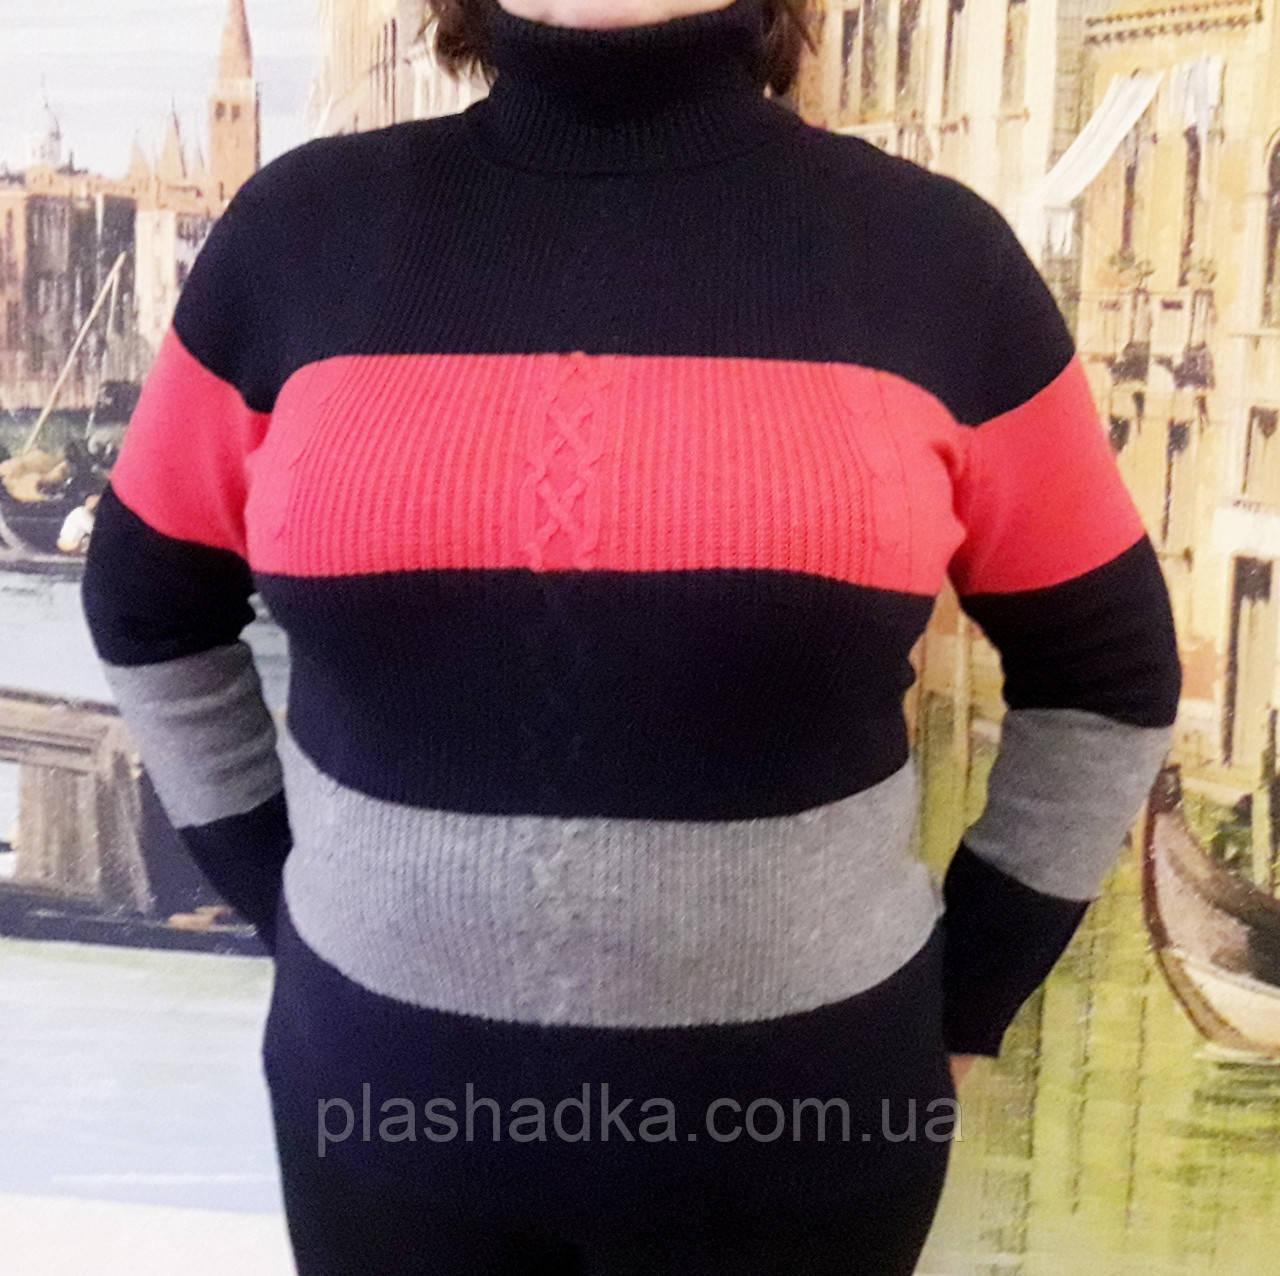 Женская кофта в полоску (цвет черный) Турция, Женский свитер большого размера